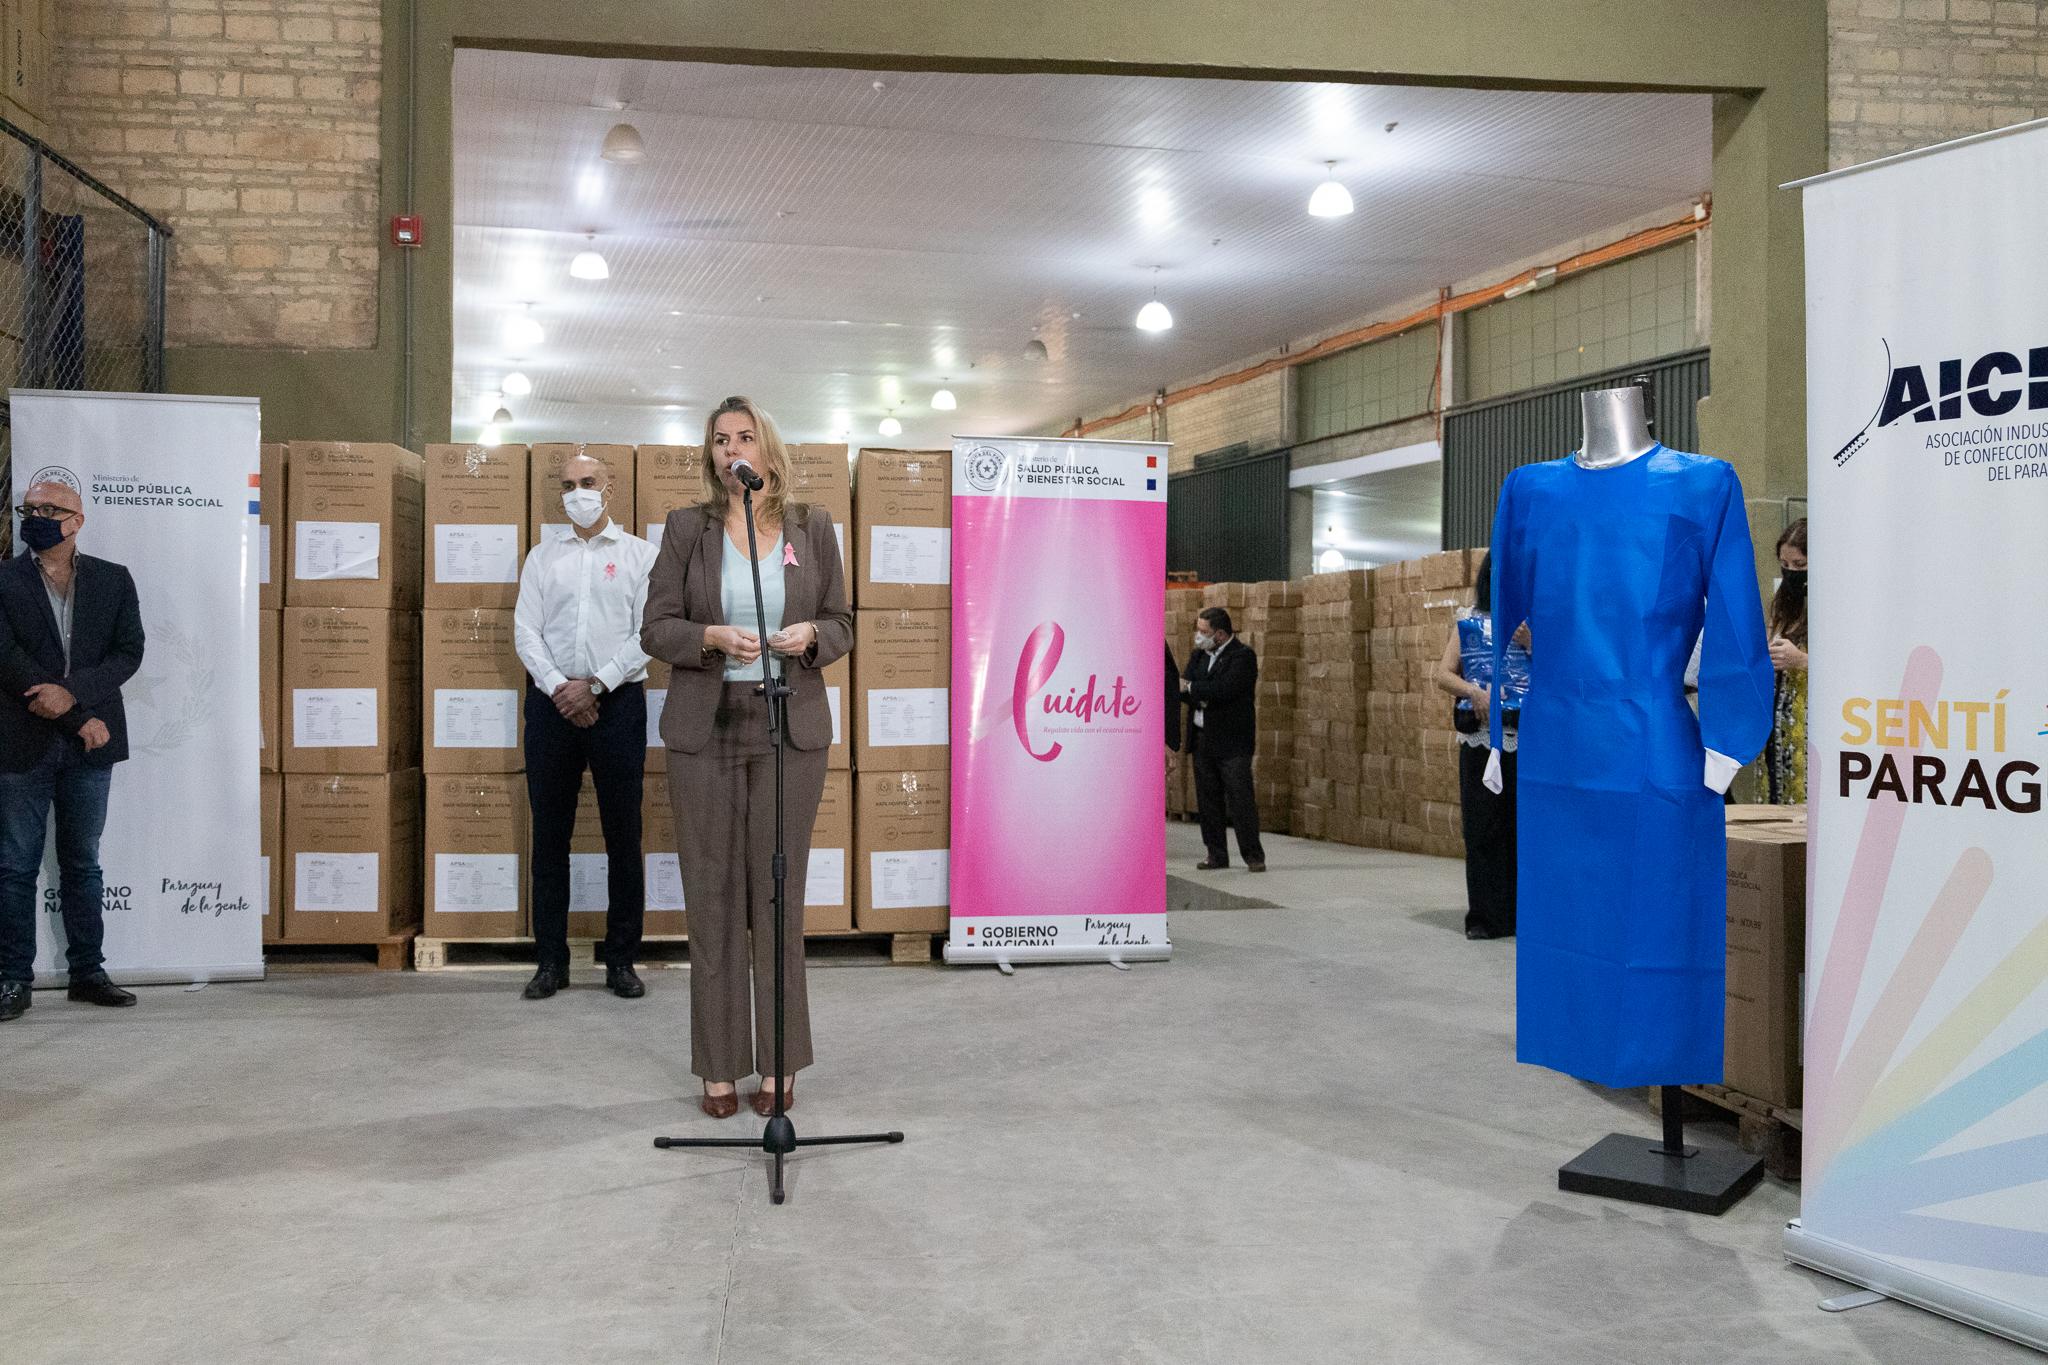 El trabajo es realizado en conjunto por más de 120 empresas de diferentes ciudades del país. Foto: Gentileza